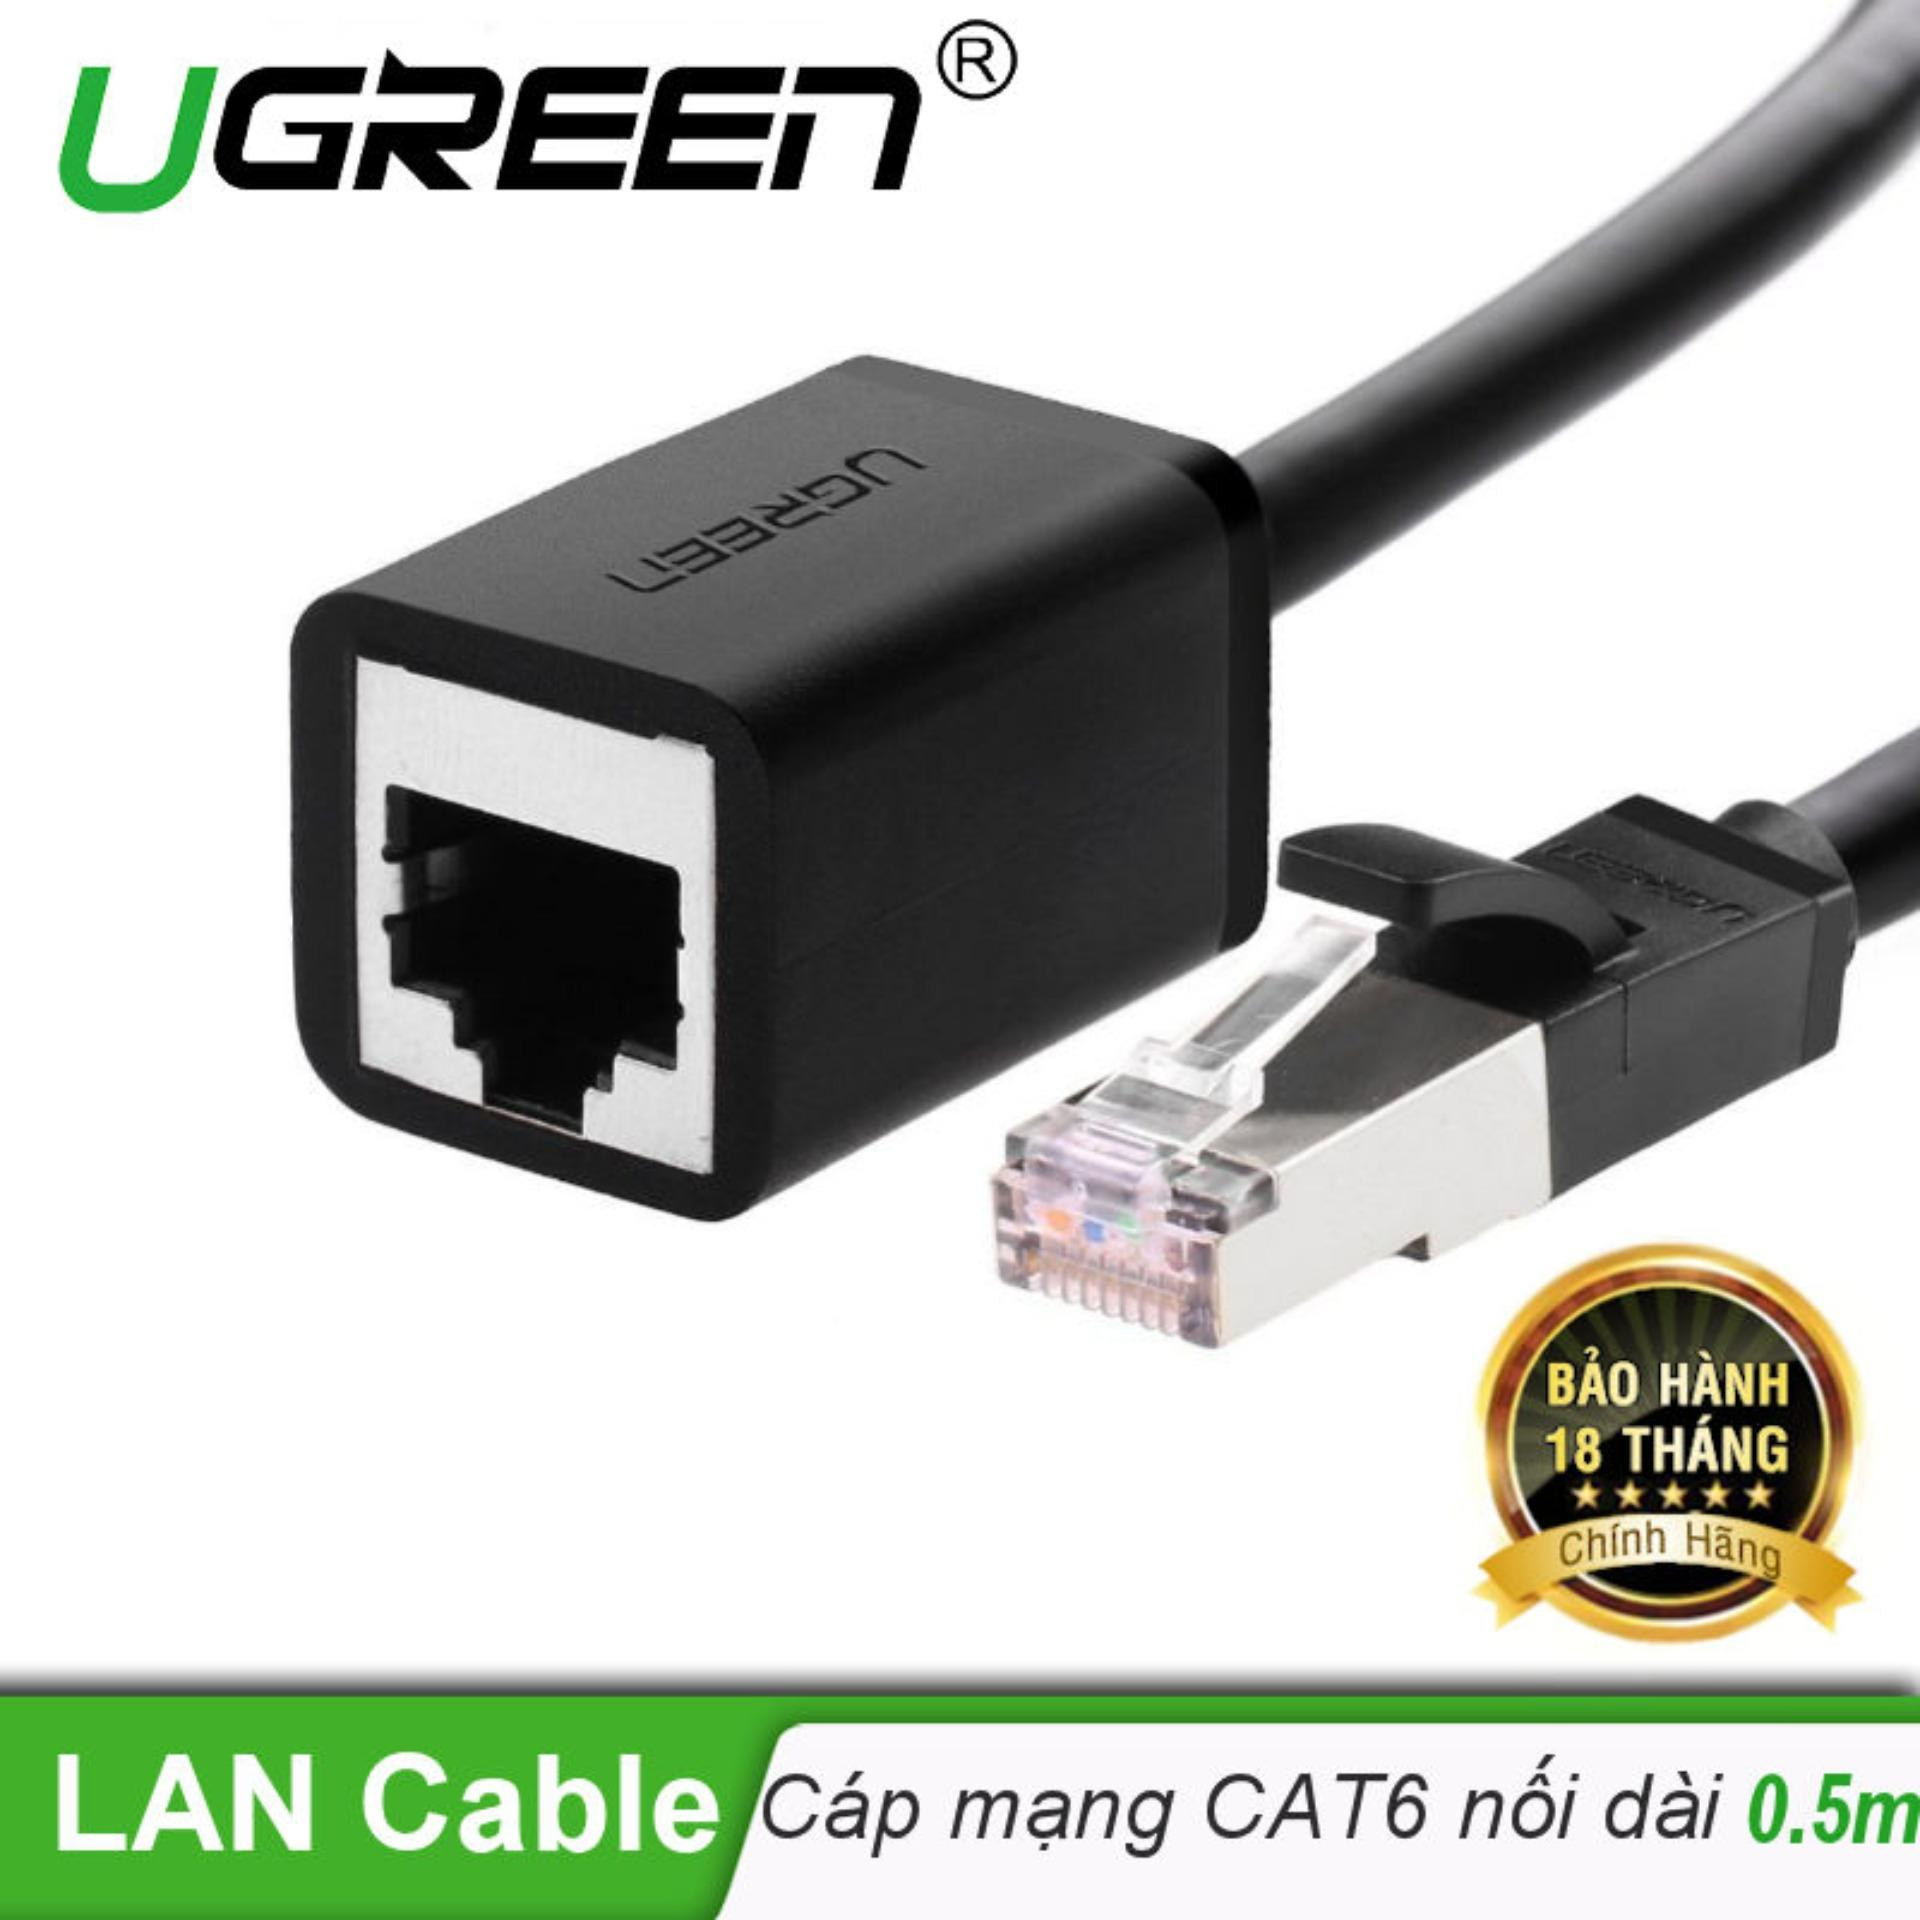 Dây cáp mạng nối dài CAT6 UTP RJ45 dài 0.5M UGREEN NW112 11278 - Hãng phân phối chính thức